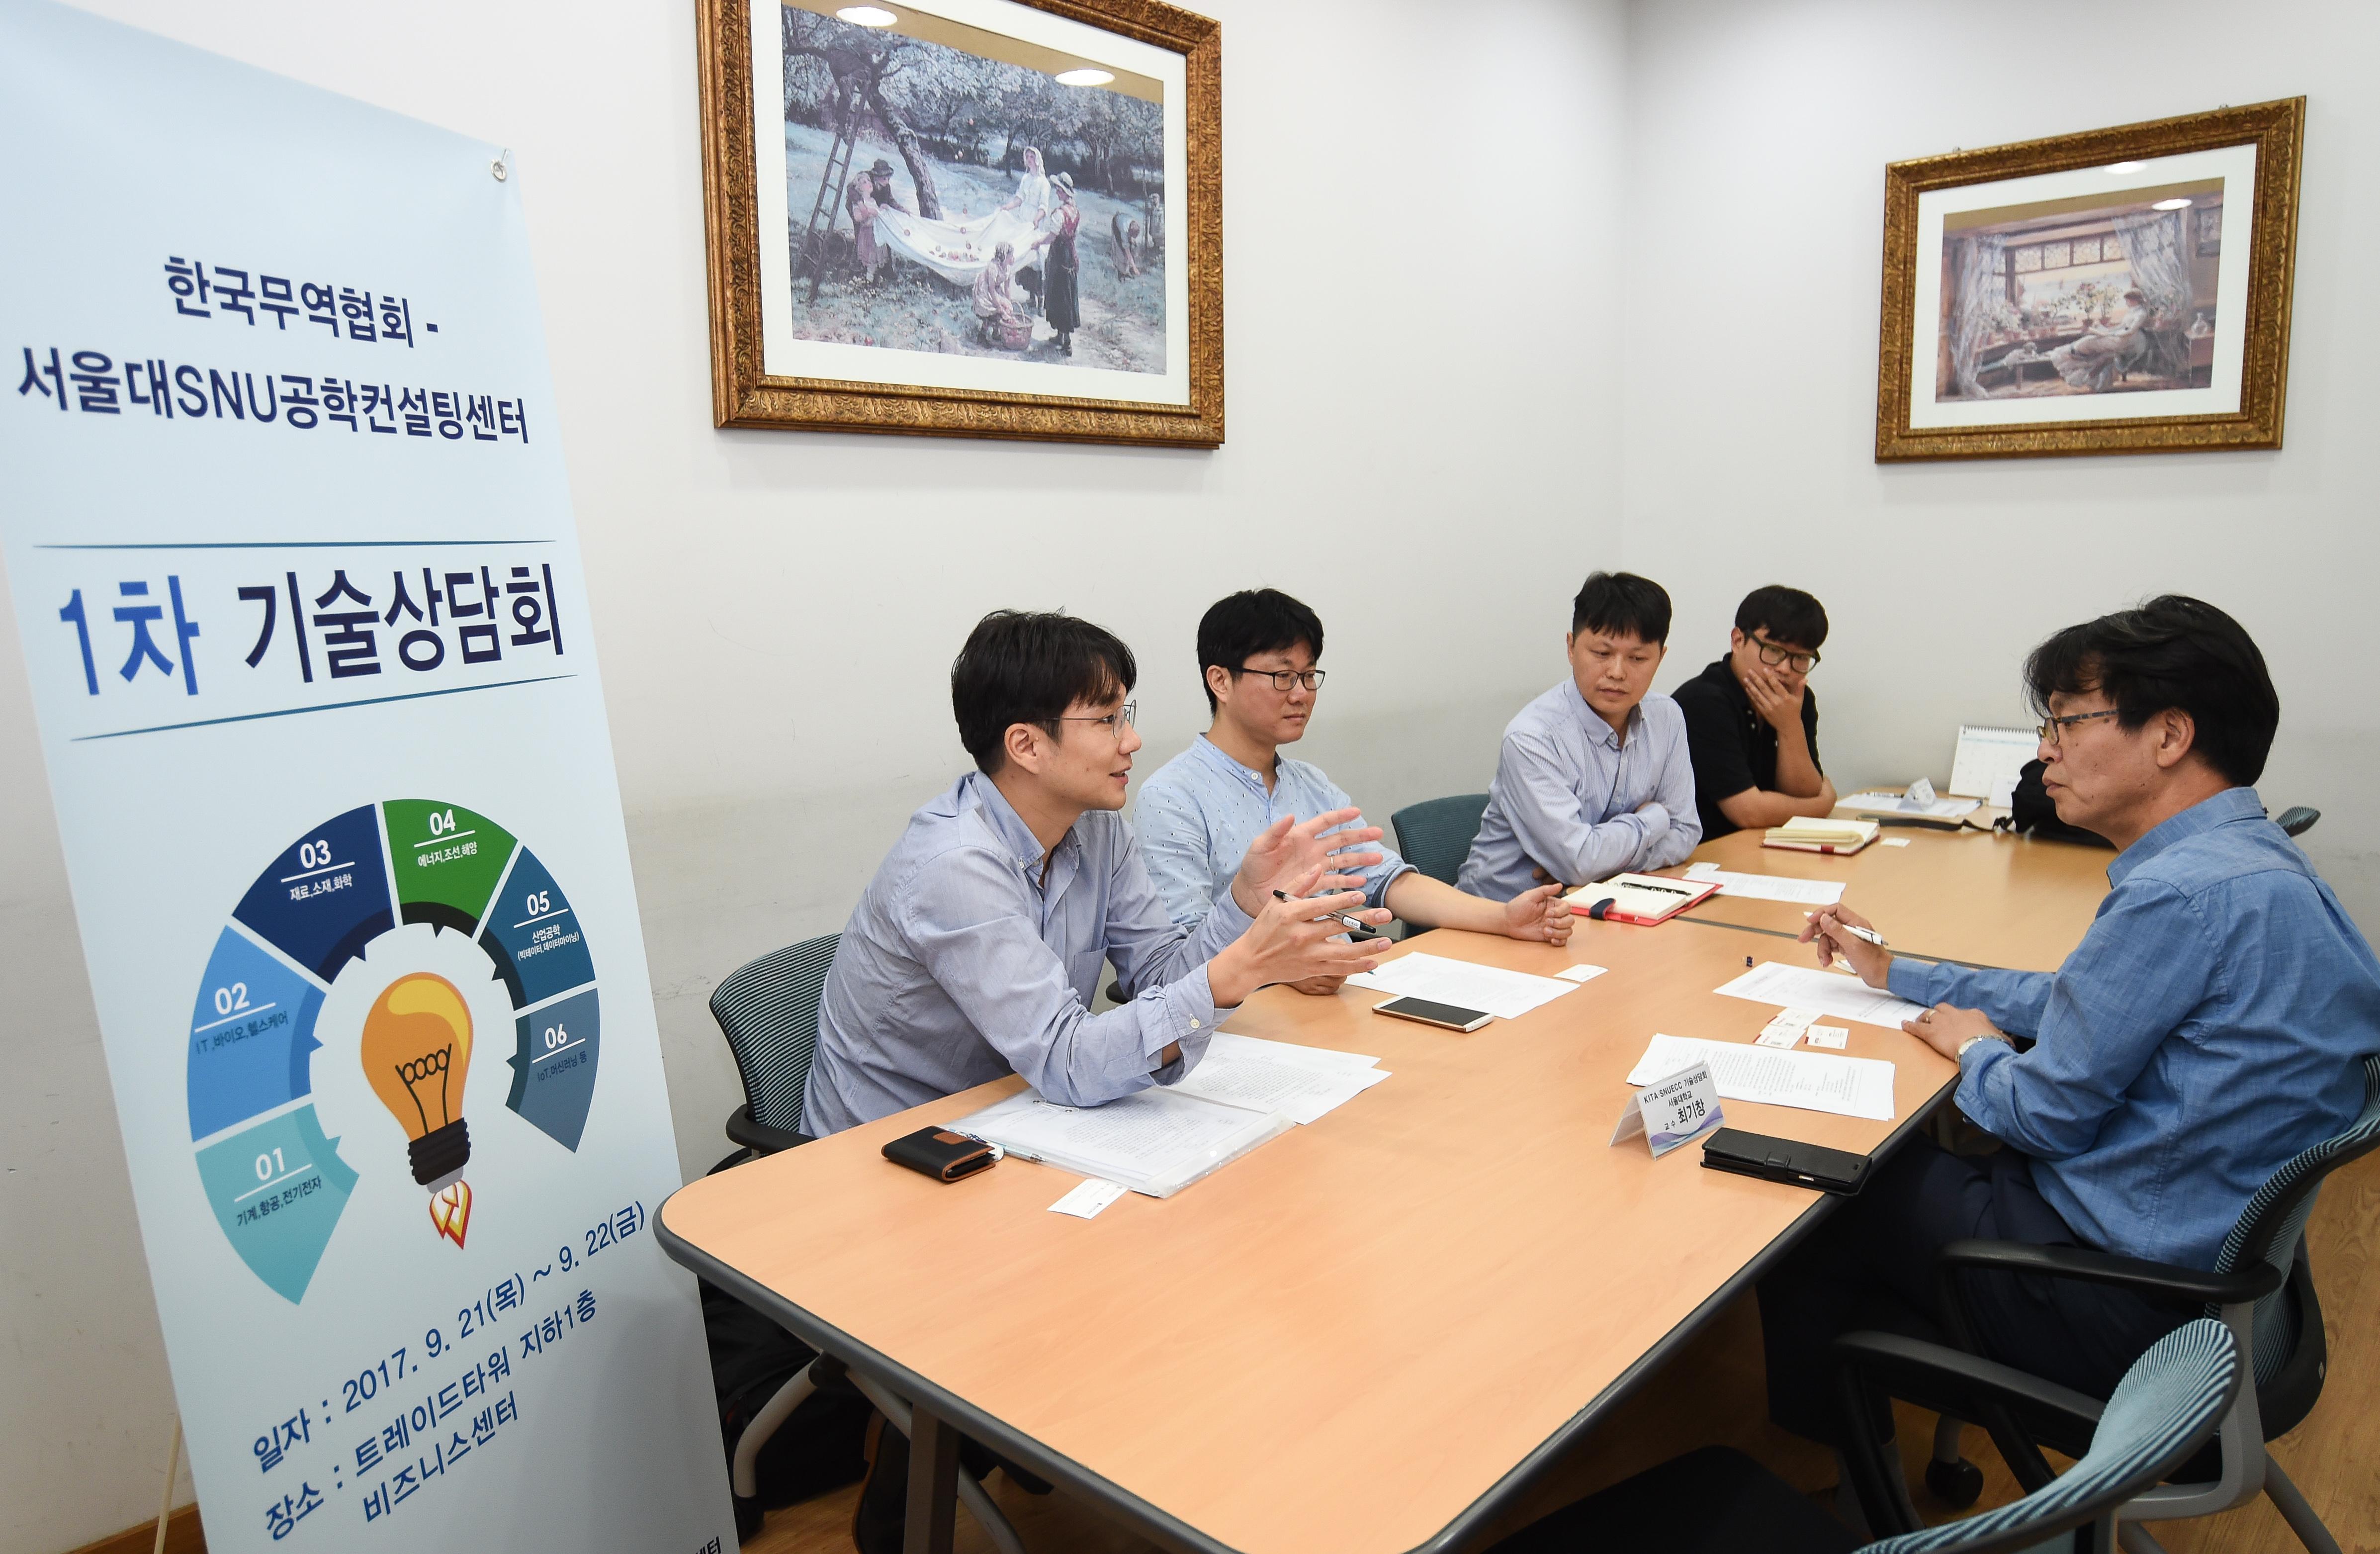 중소기업 임원들과 공학컨설팅센터의 산학협력중점교수가 기술상담을 진행하는 모습